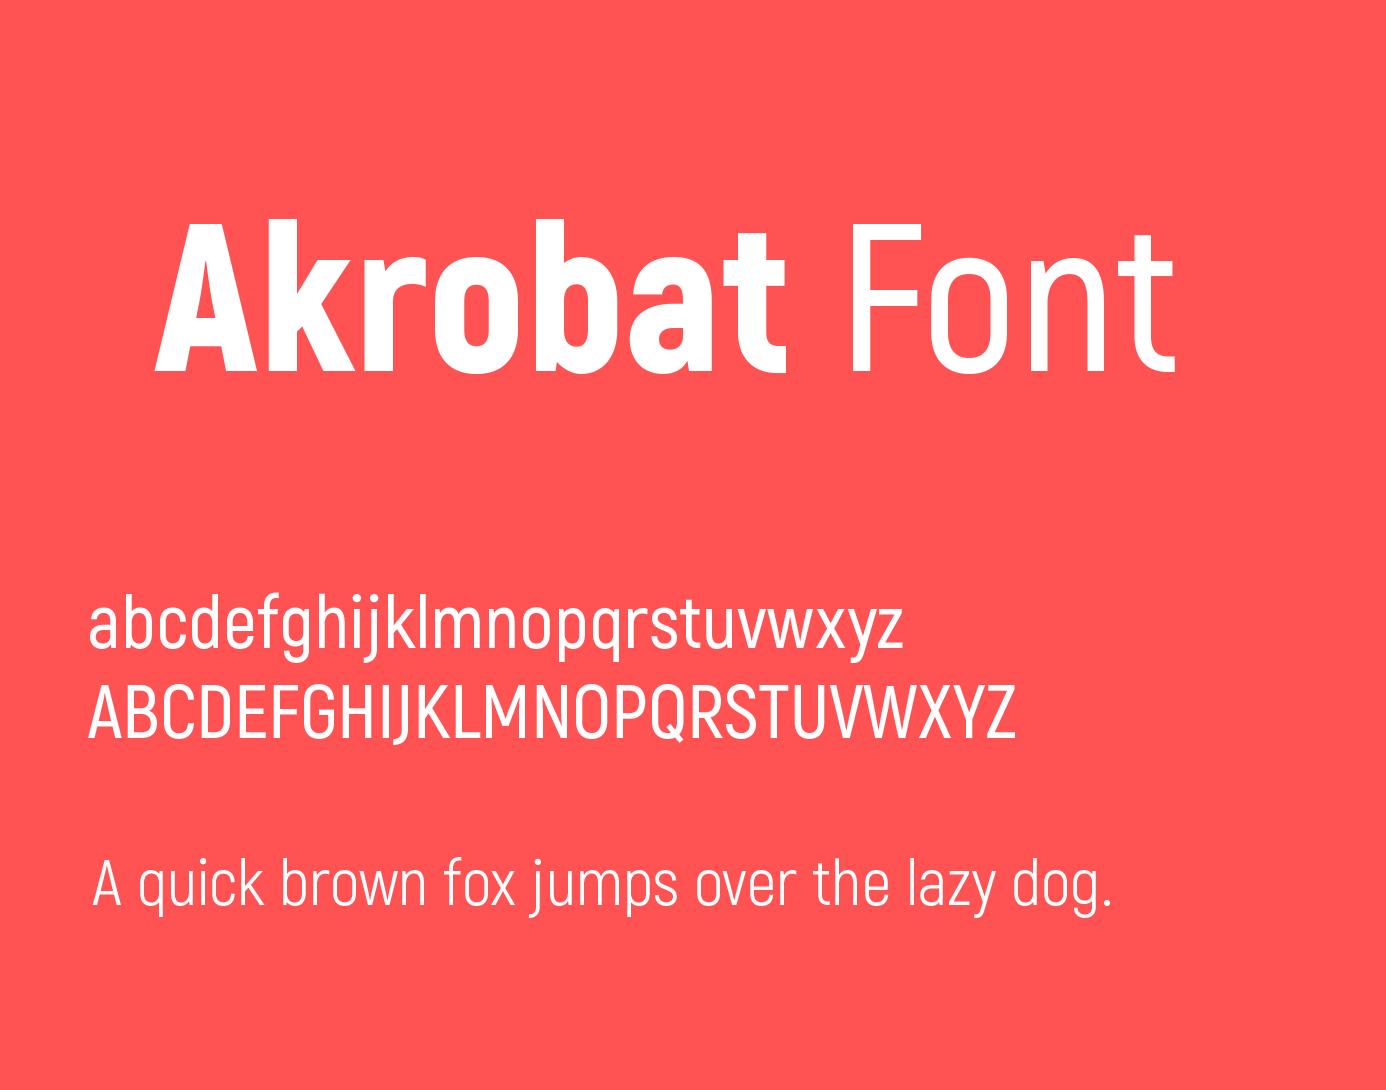 akrobat-font